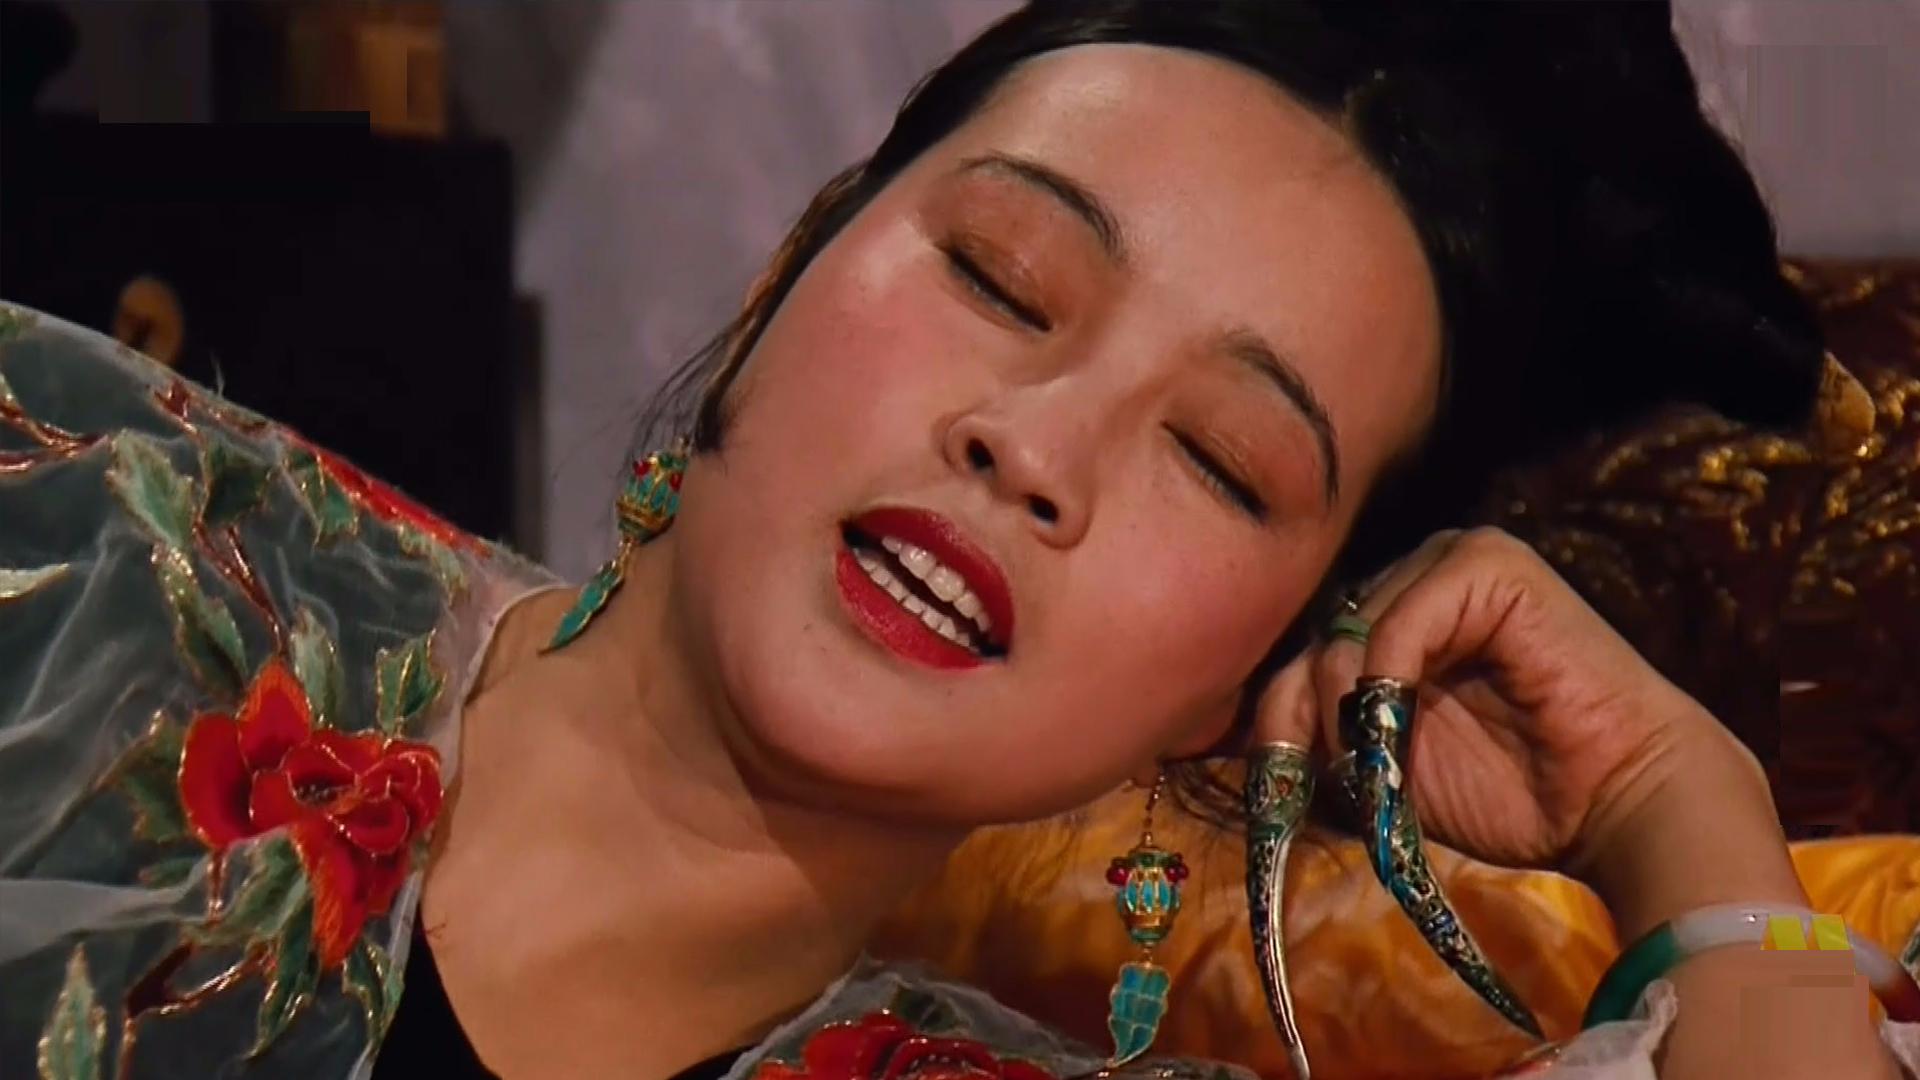 一代妖后:慈禧太后野史戏说,刘晓庆把慈禧演绎的淋漓尽致!